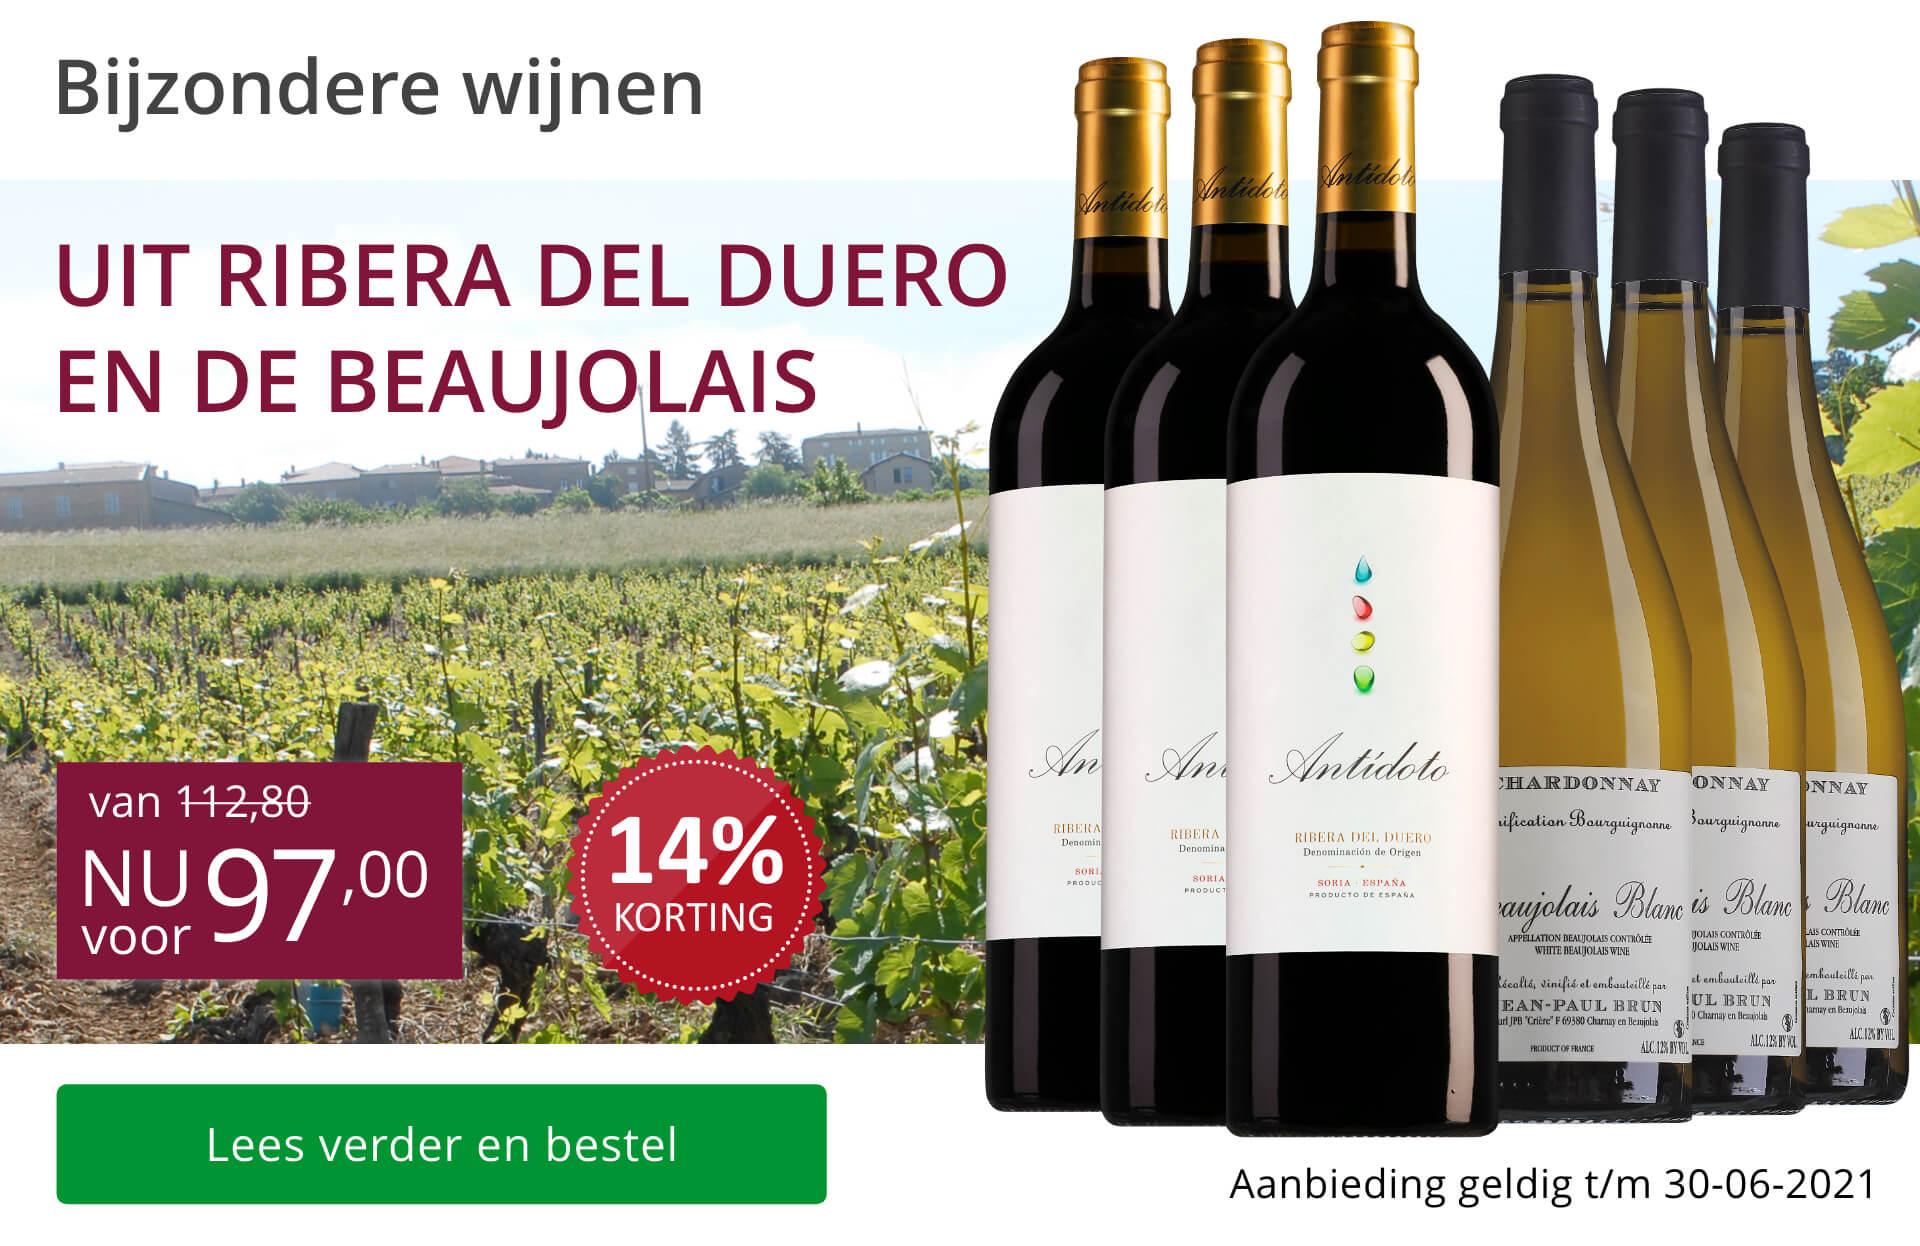 Wijnpakket bijzondere wijnenjuni 2021 (97,00) - paars